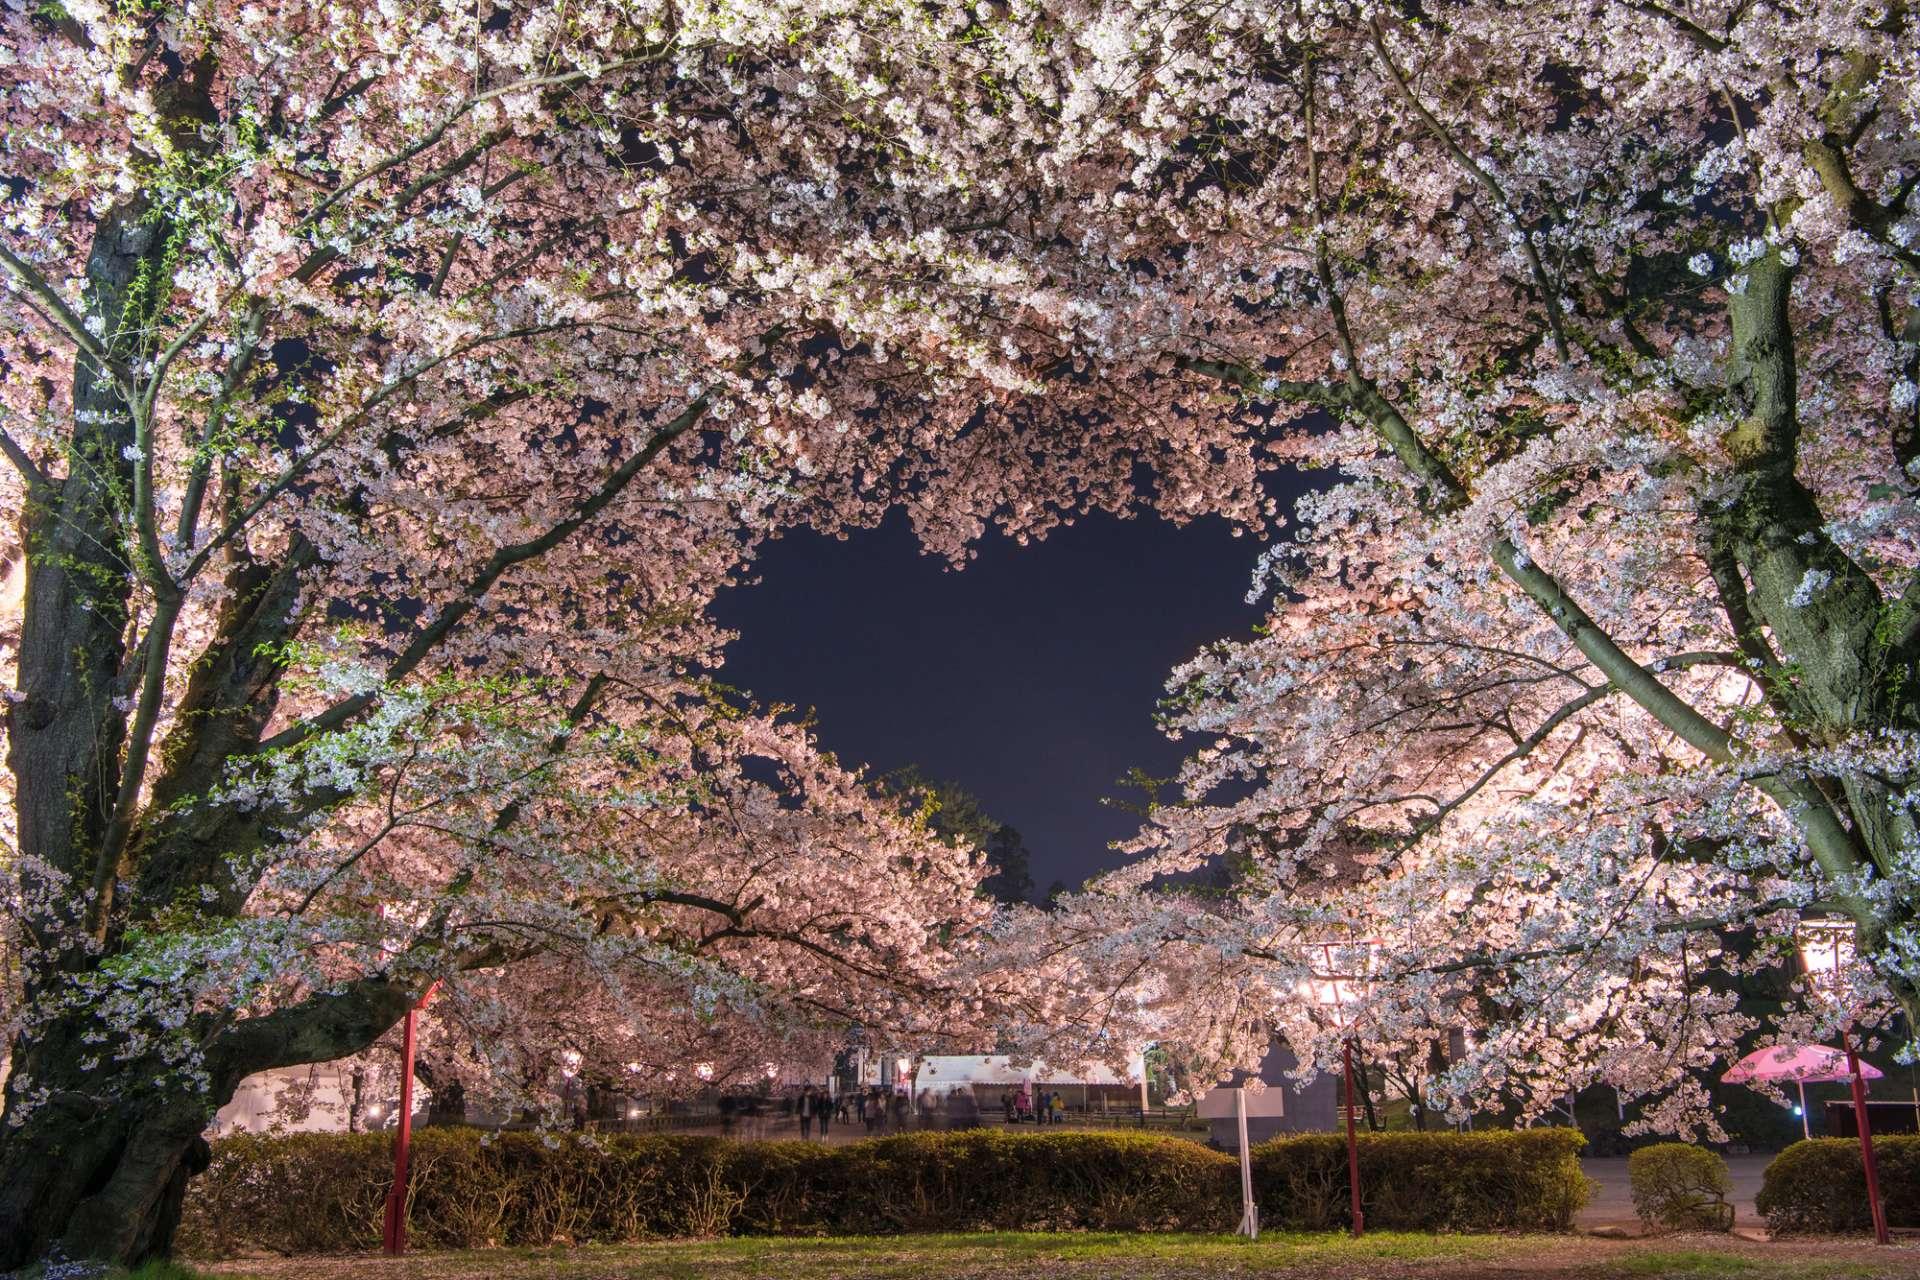 快来看爱心形状的樱花美景!请逐一寻找隐藏在公园的心形景点吧!